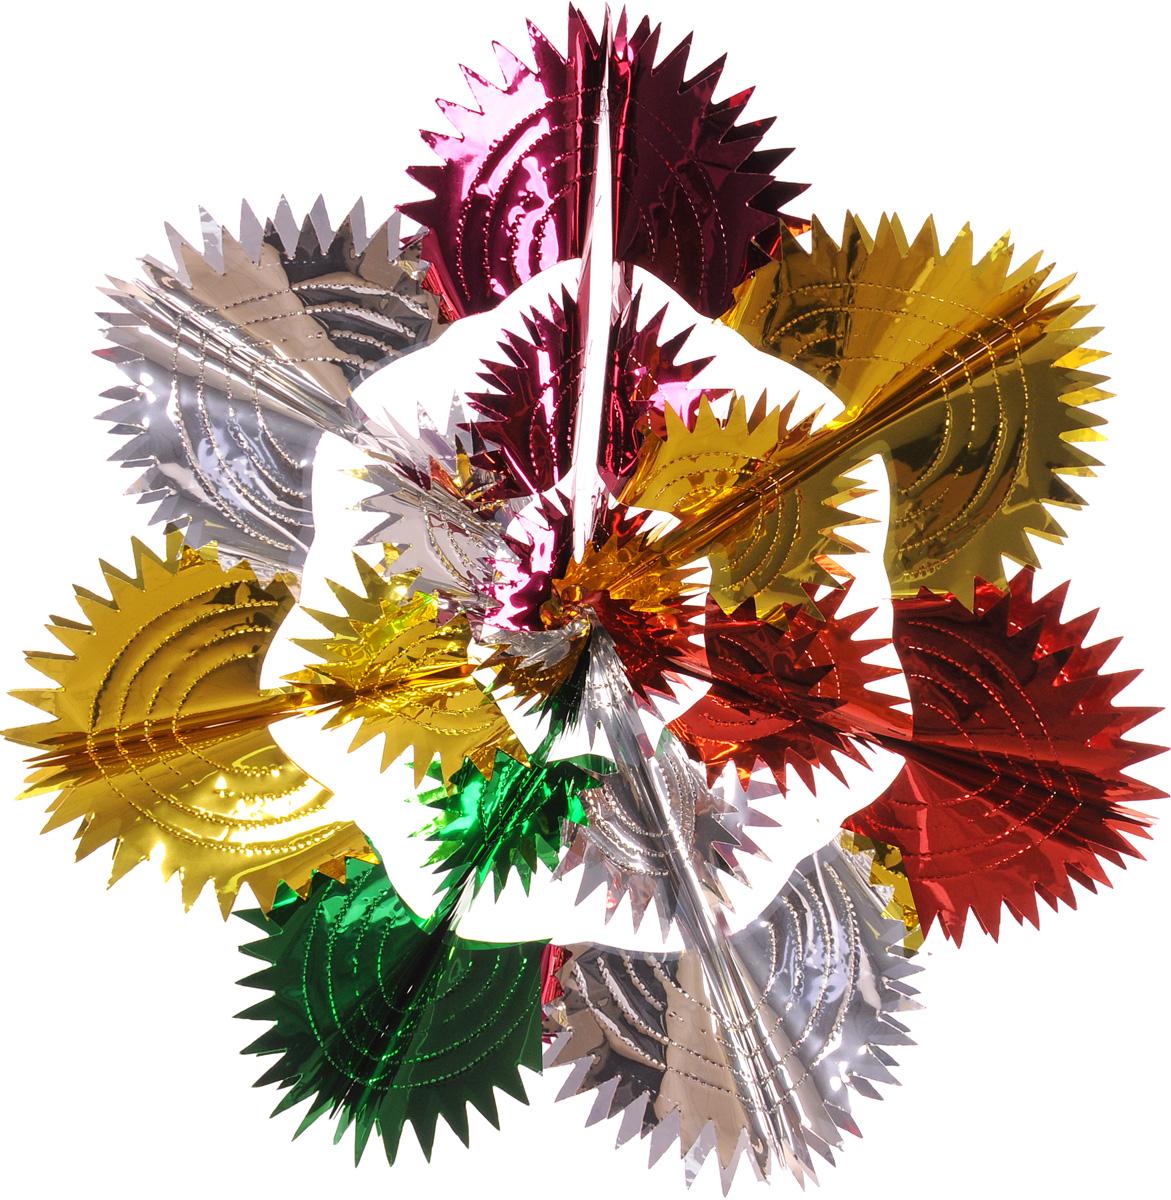 Украшение новогоднее подвесное Winter Wings Сияние, диаметр 60 смN09178Новогоднее подвесное украшение Winter Wings Сияние, выполненное из ПВХ в виде разноцветной ажурной снежинки, прекрасно подойдет для праздничного декора дома. С помощью специальной петельки украшение можно подвесить в любом понравившемся вам месте. Легко складывается и раскладывается. Новогодние украшения несут в себе волшебство и красоту праздника. Они помогут вам украсить дом к предстоящим праздникам и оживить интерьер по вашему вкусу. Создайте в доме атмосферу тепла, веселья и радости, украшая его всей семьей.